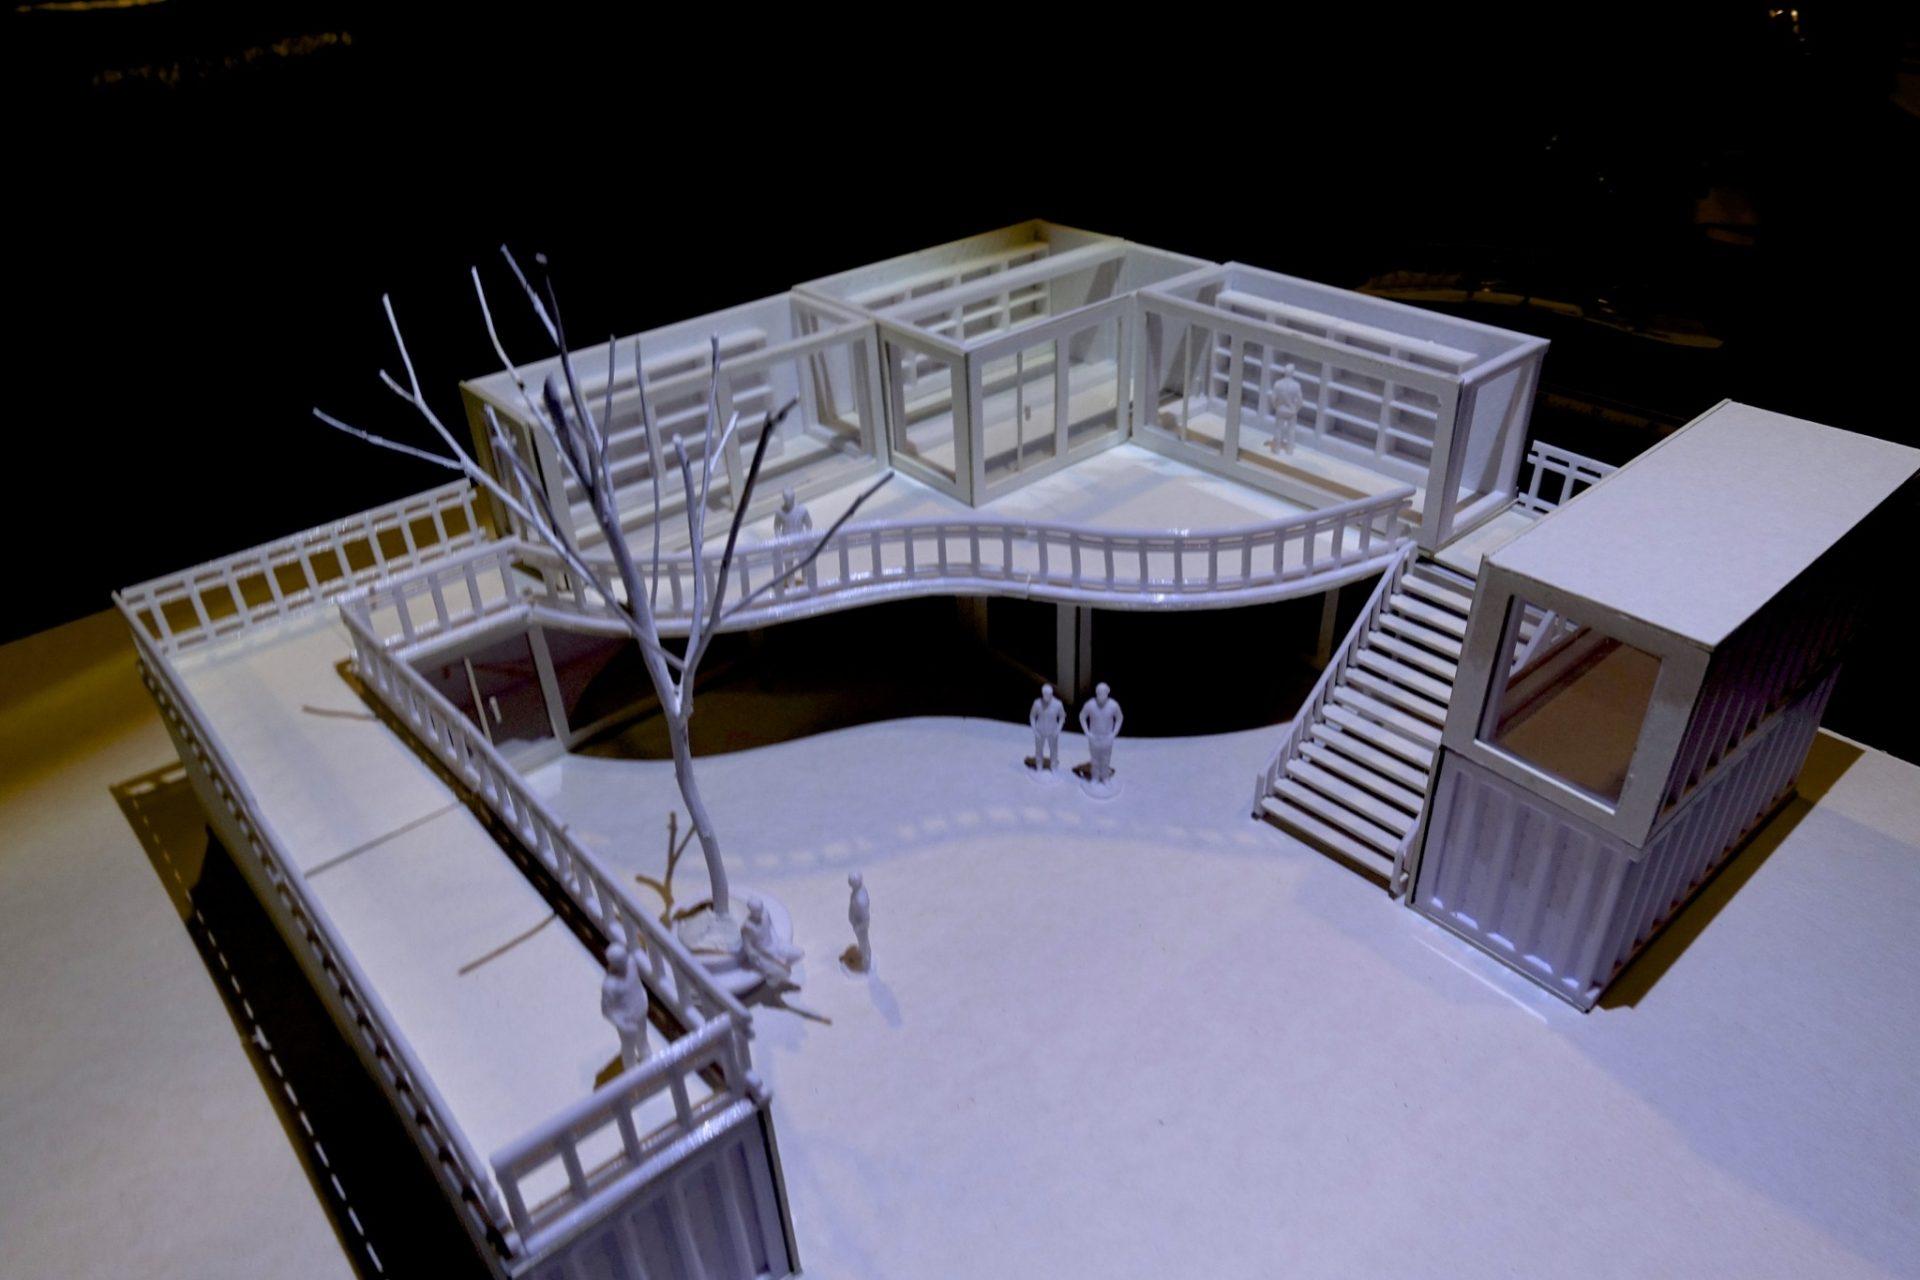 งานสถาปัตยกรรม จากเครื่อง 3D Printer